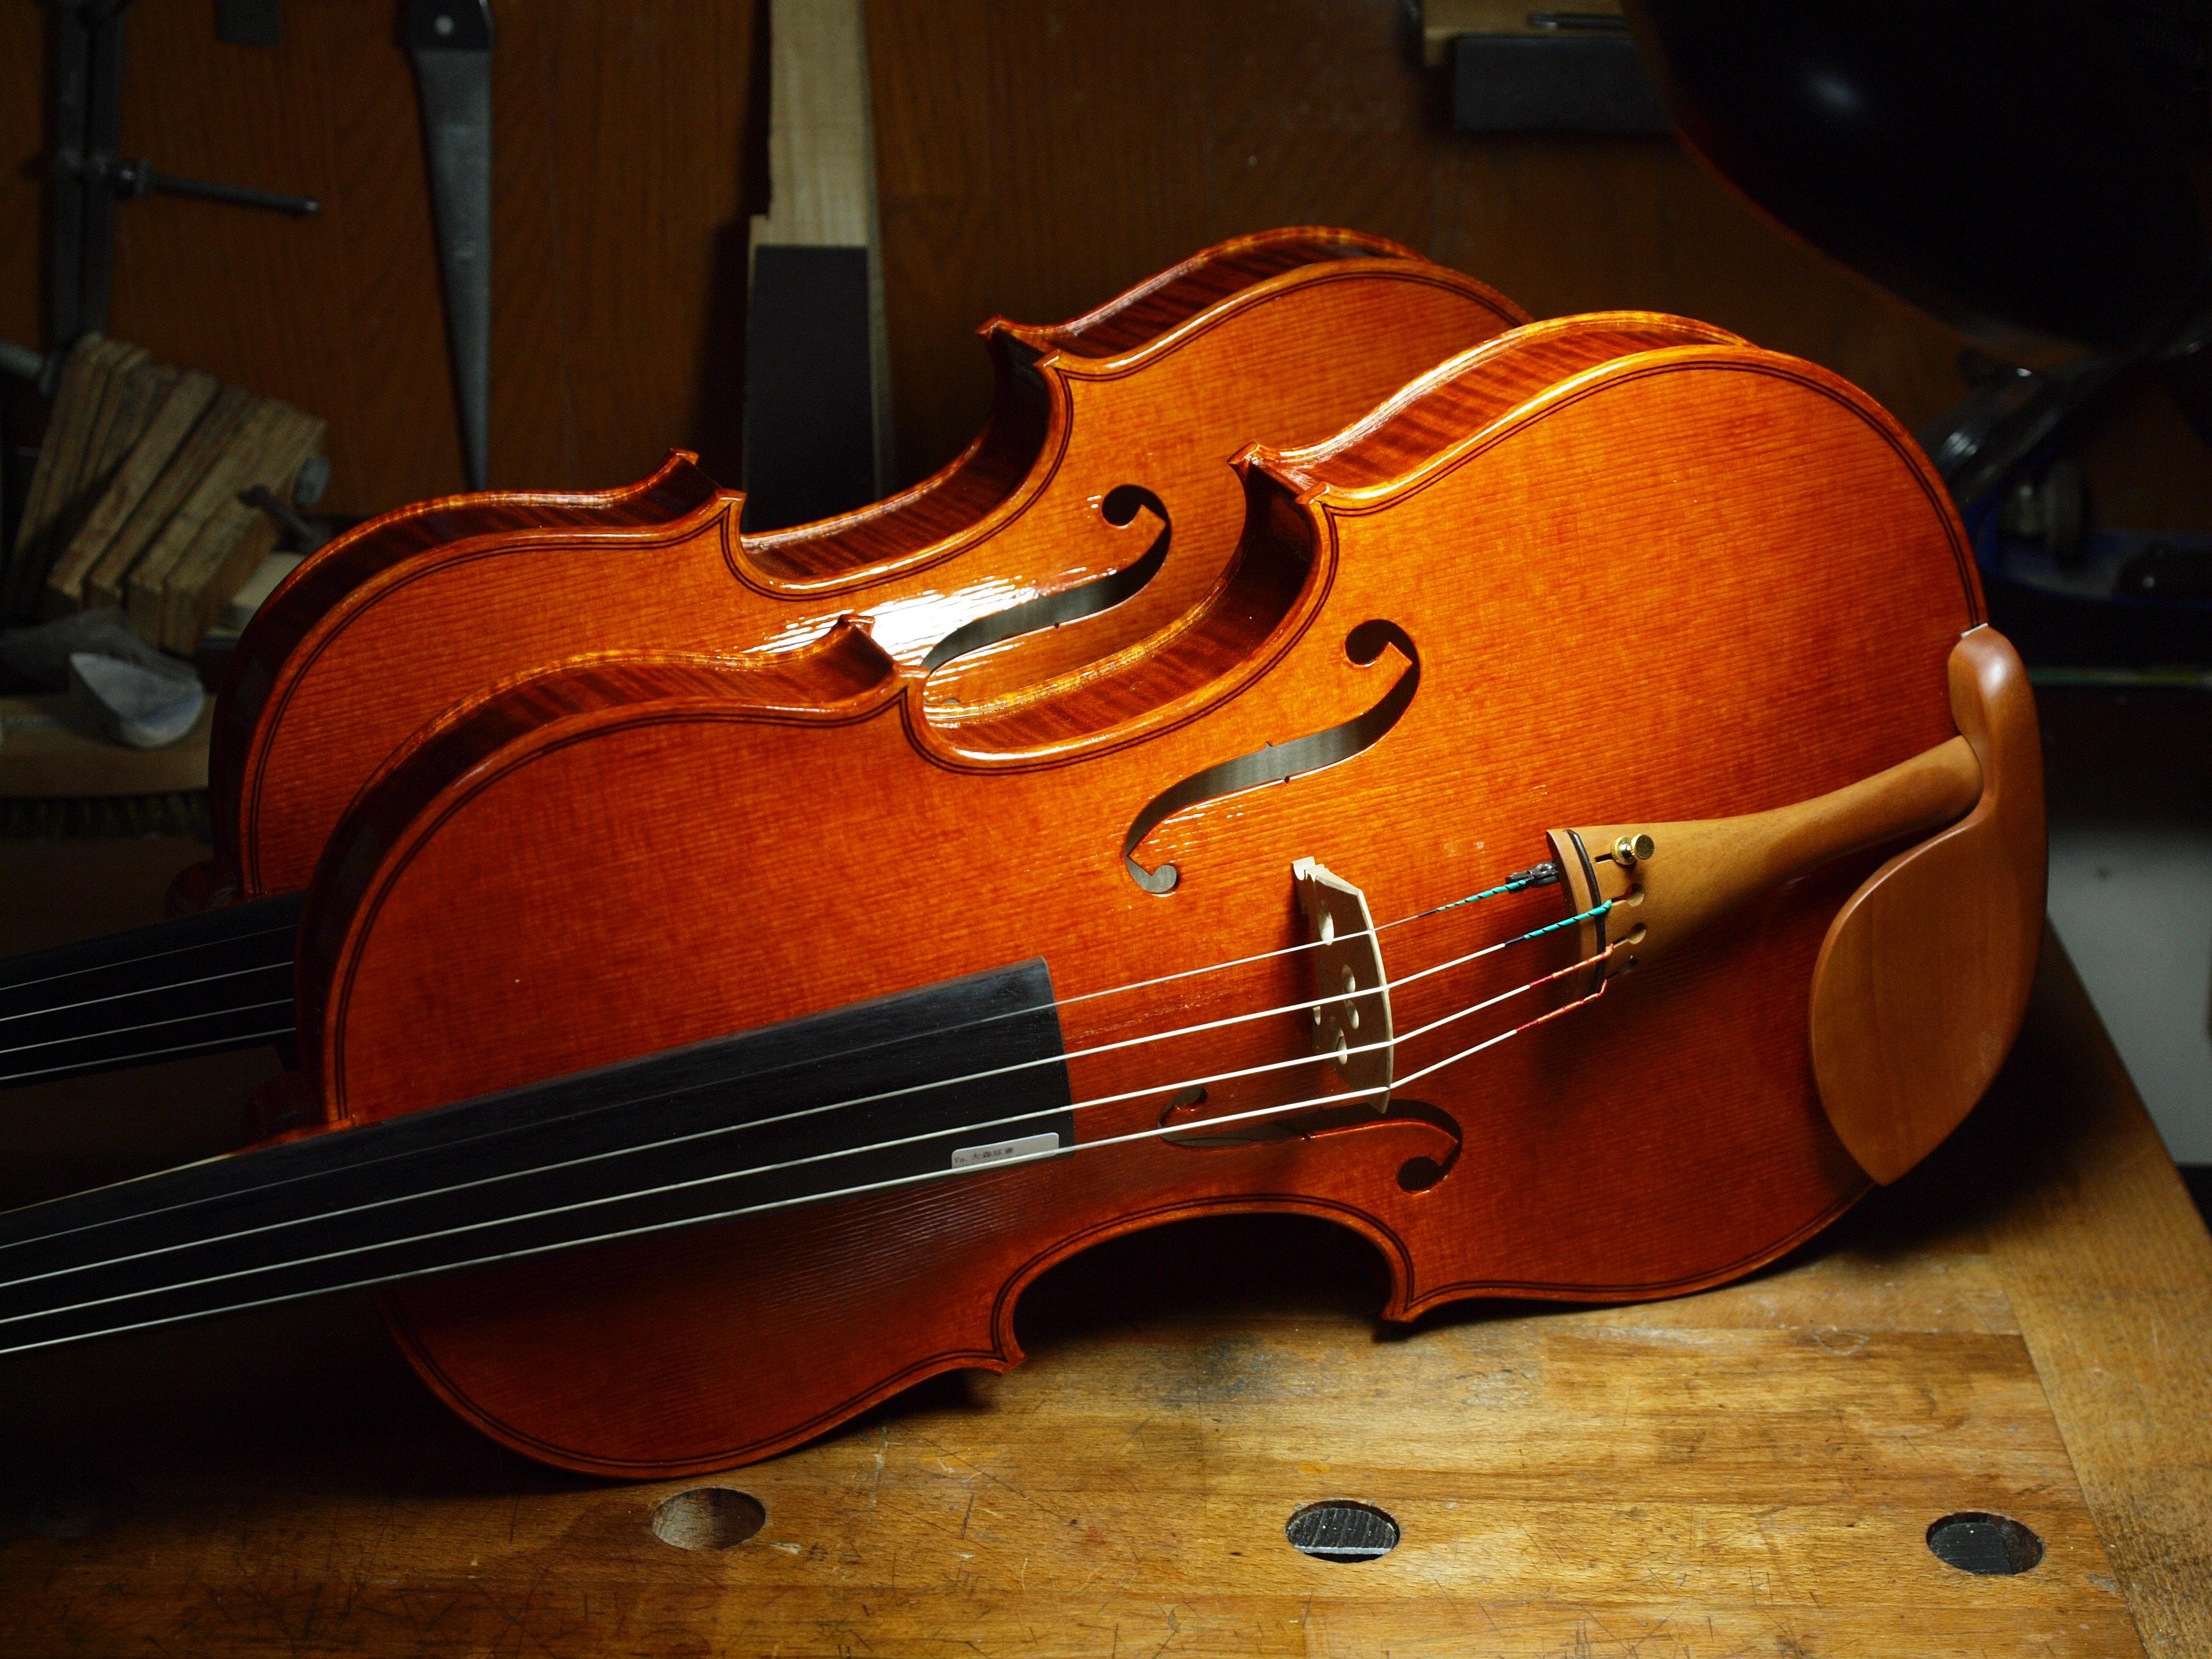 写真4「弦を張って初めて木の箱は楽器に変わる」